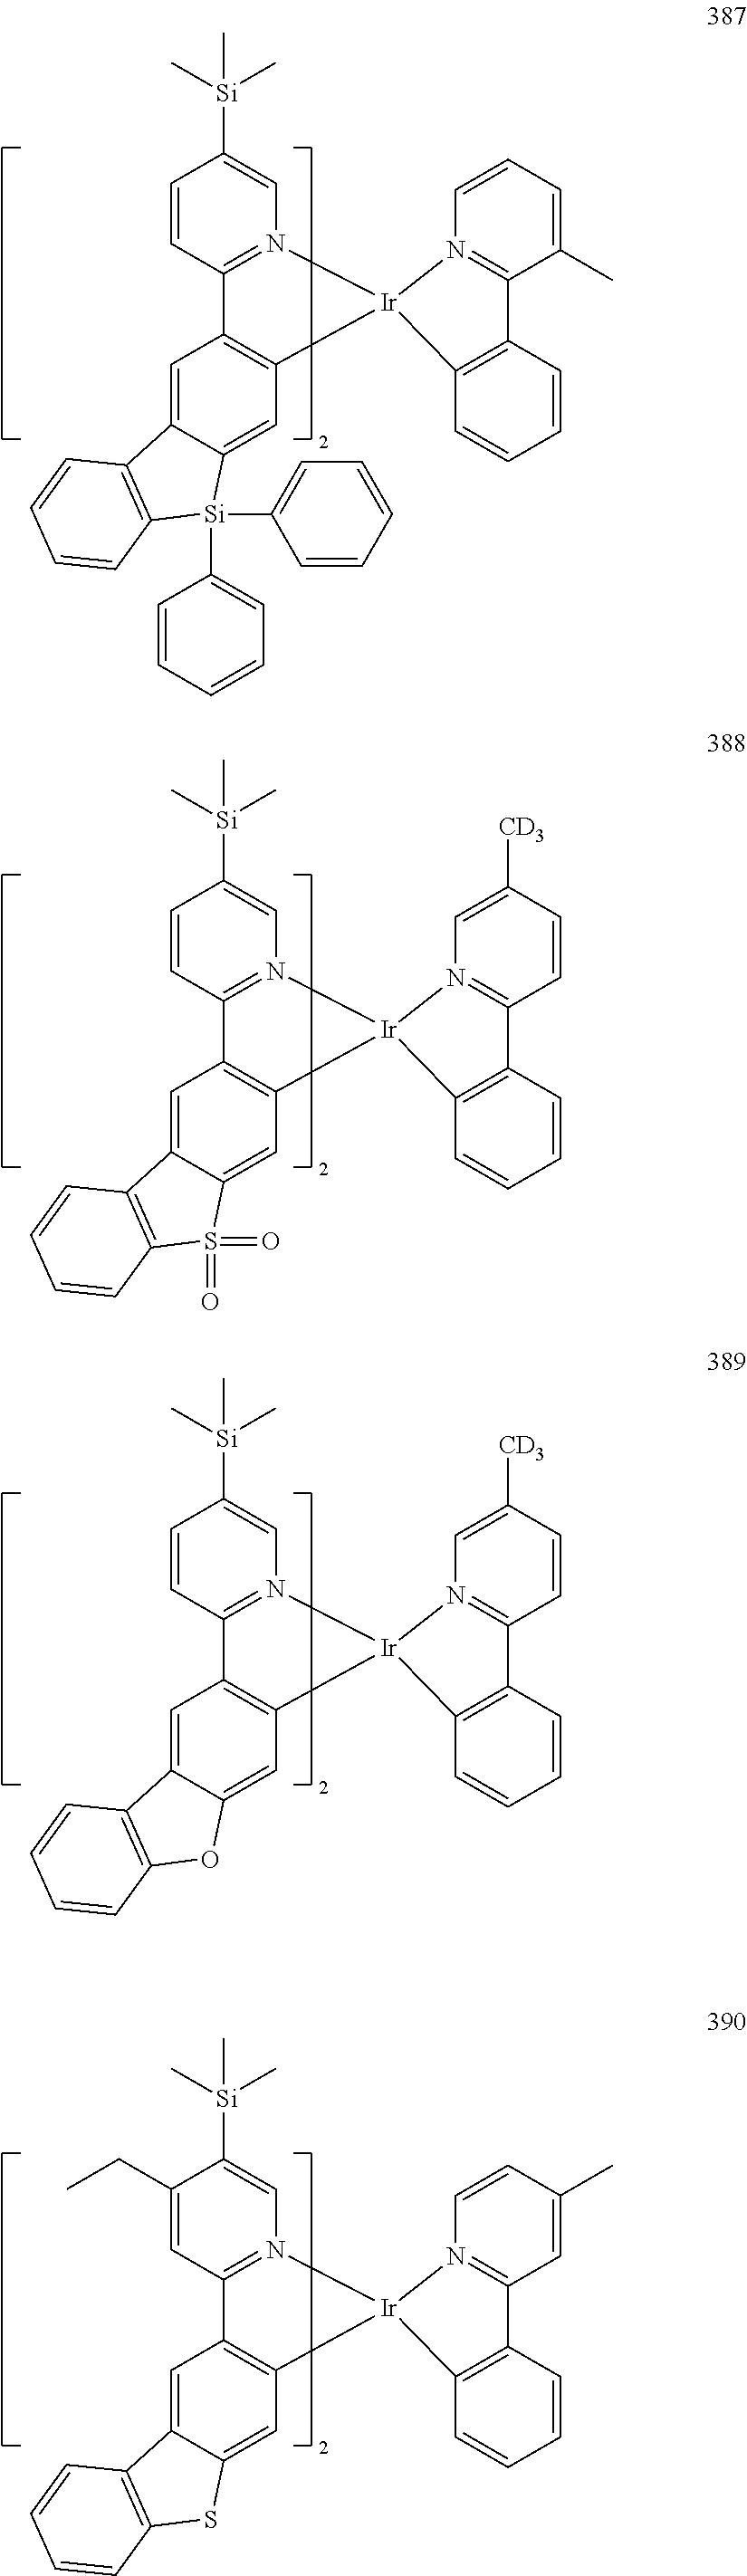 Figure US20160155962A1-20160602-C00436